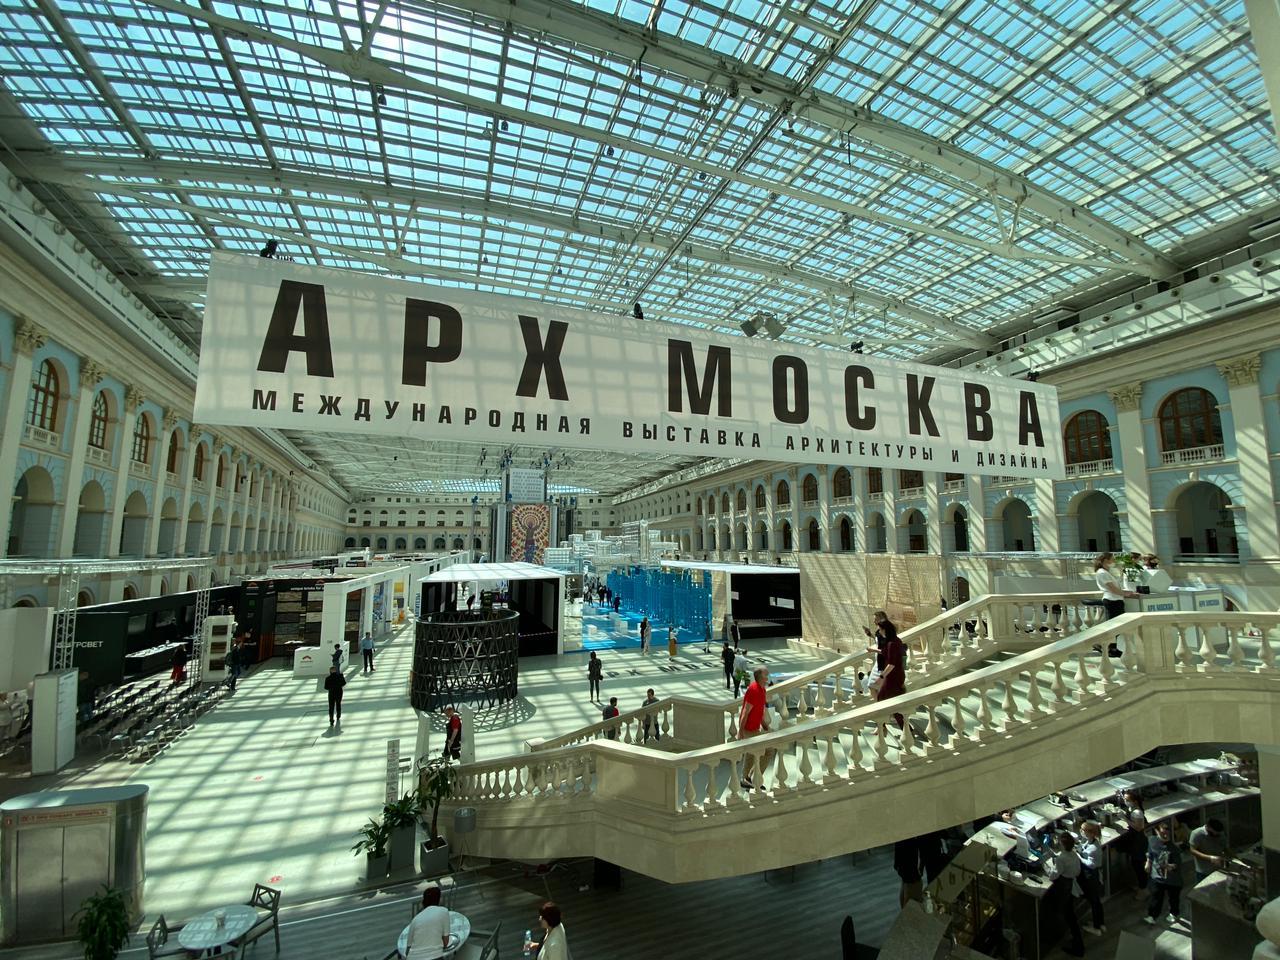 О проекте БКЛ метро «Мосинжпроект» расскажет на выставке АРХ Москва